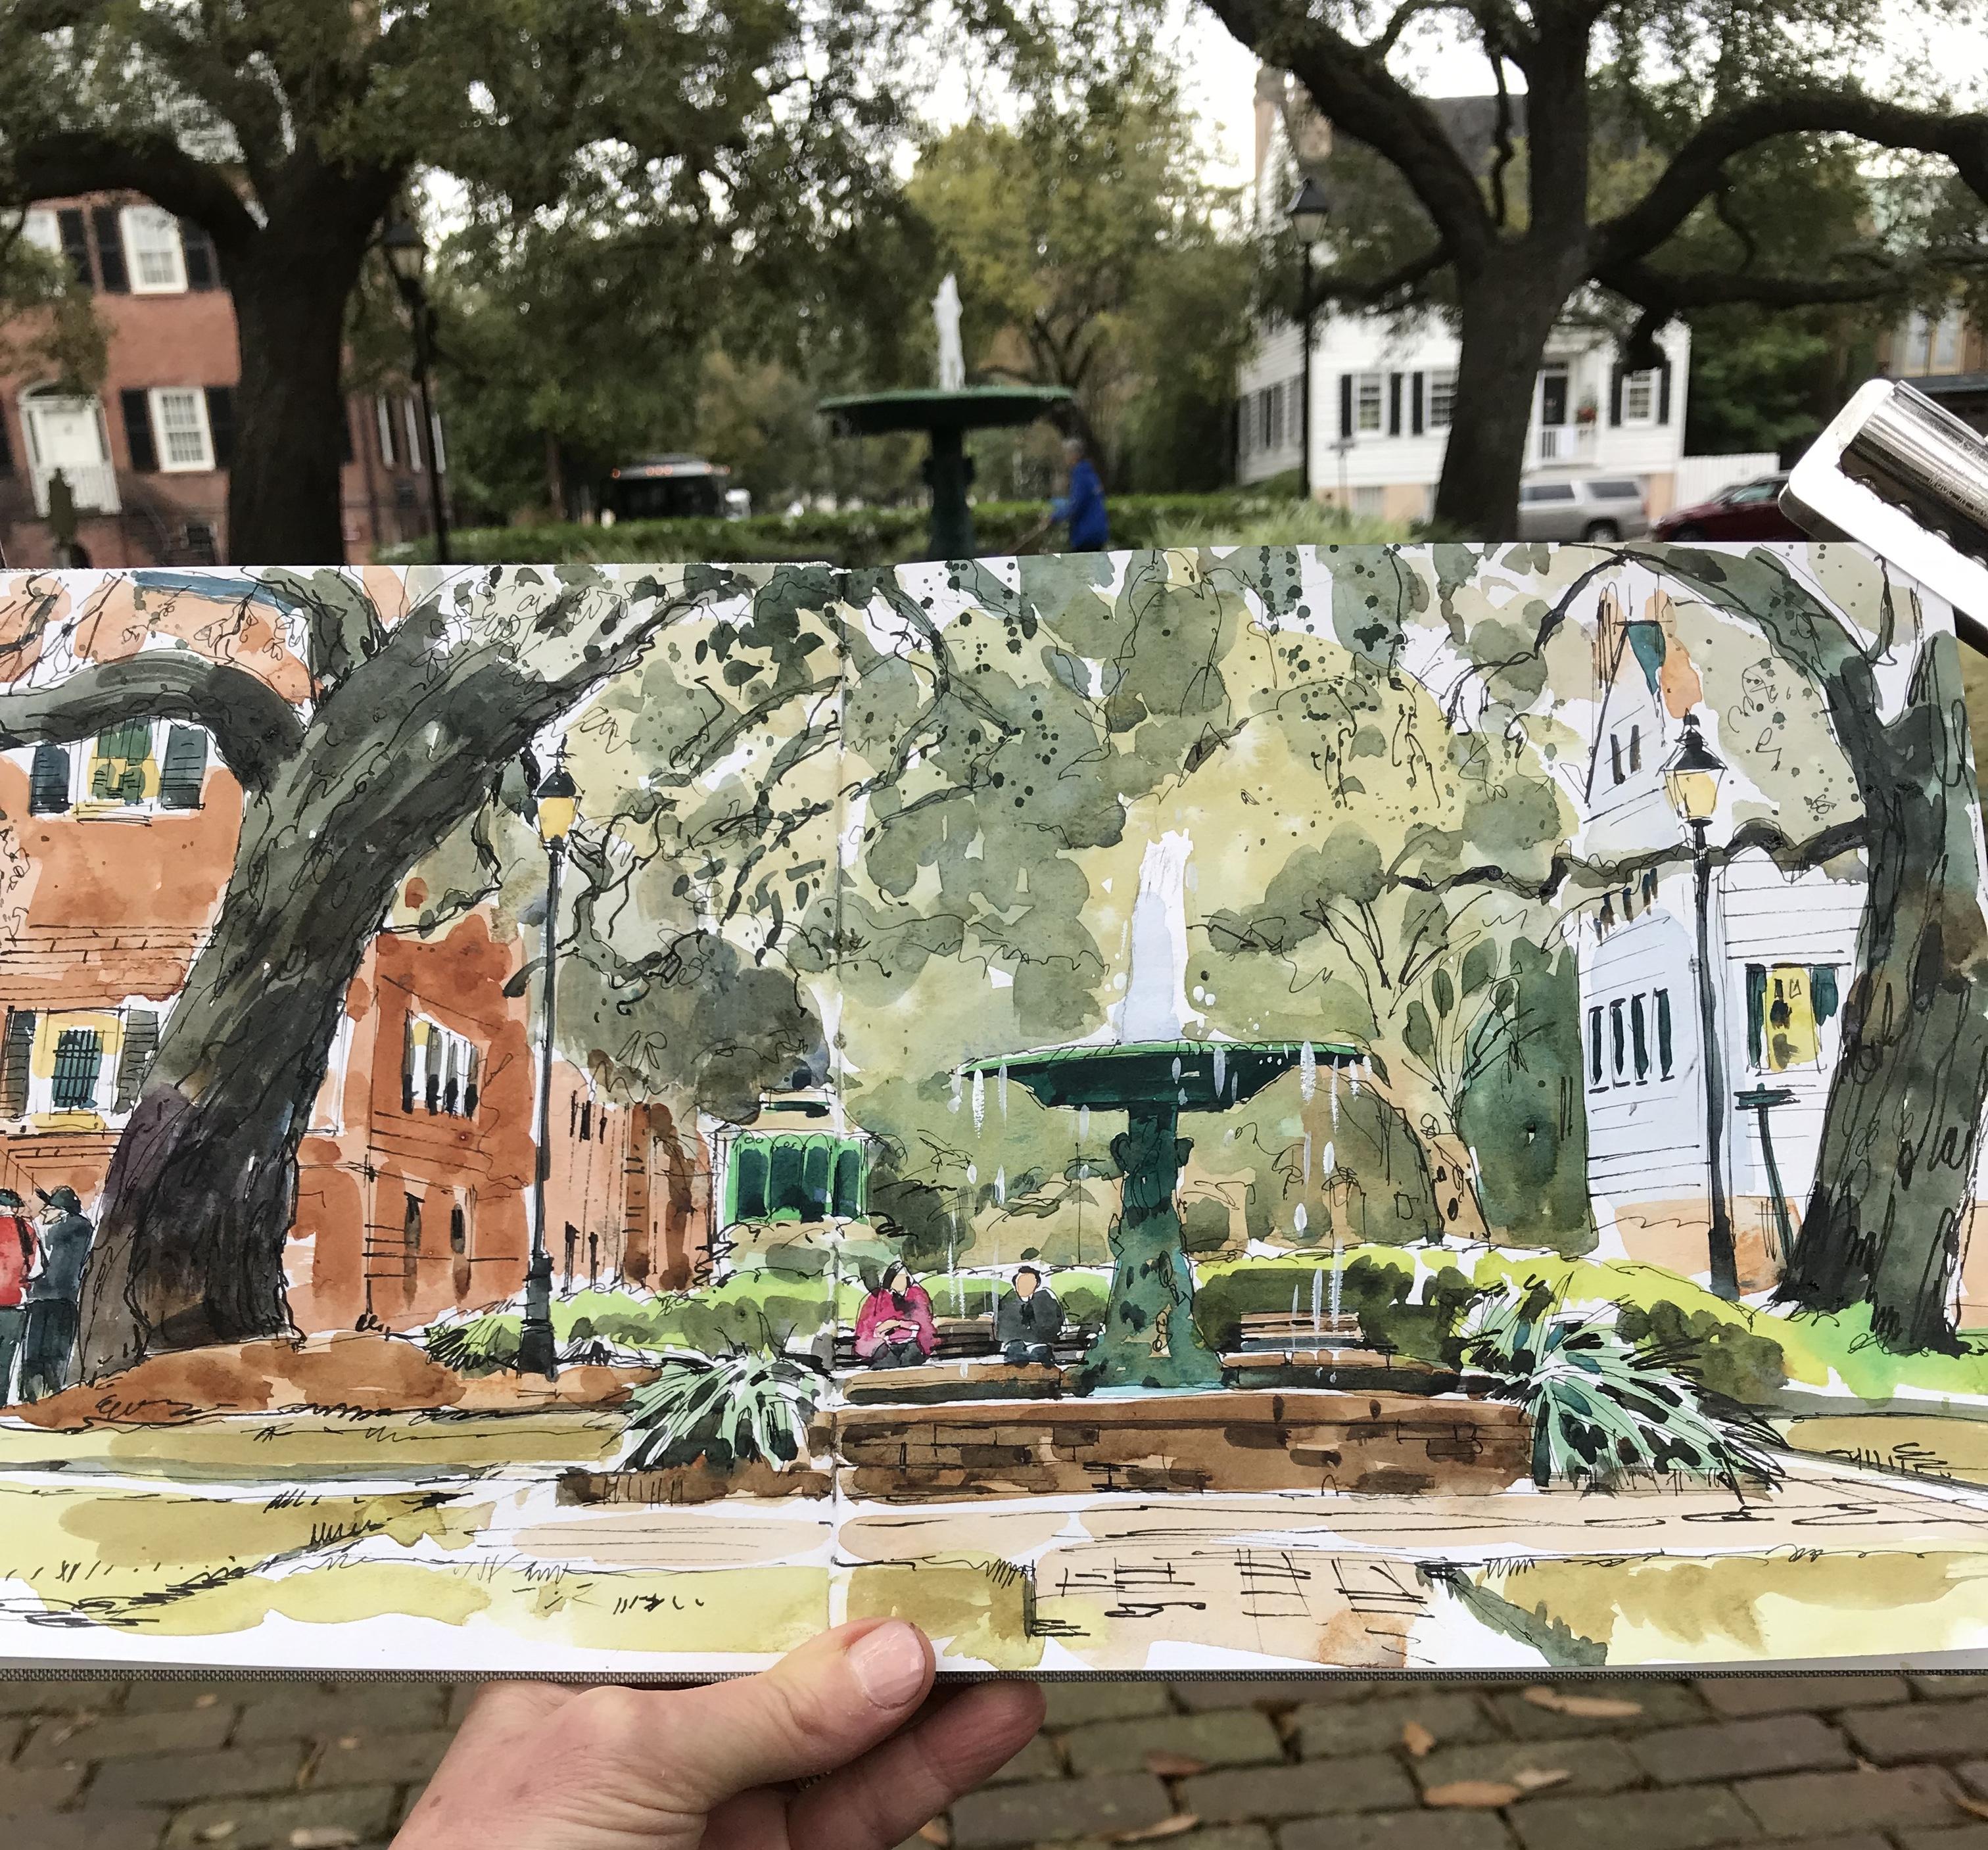 Sketching greens in Savannah